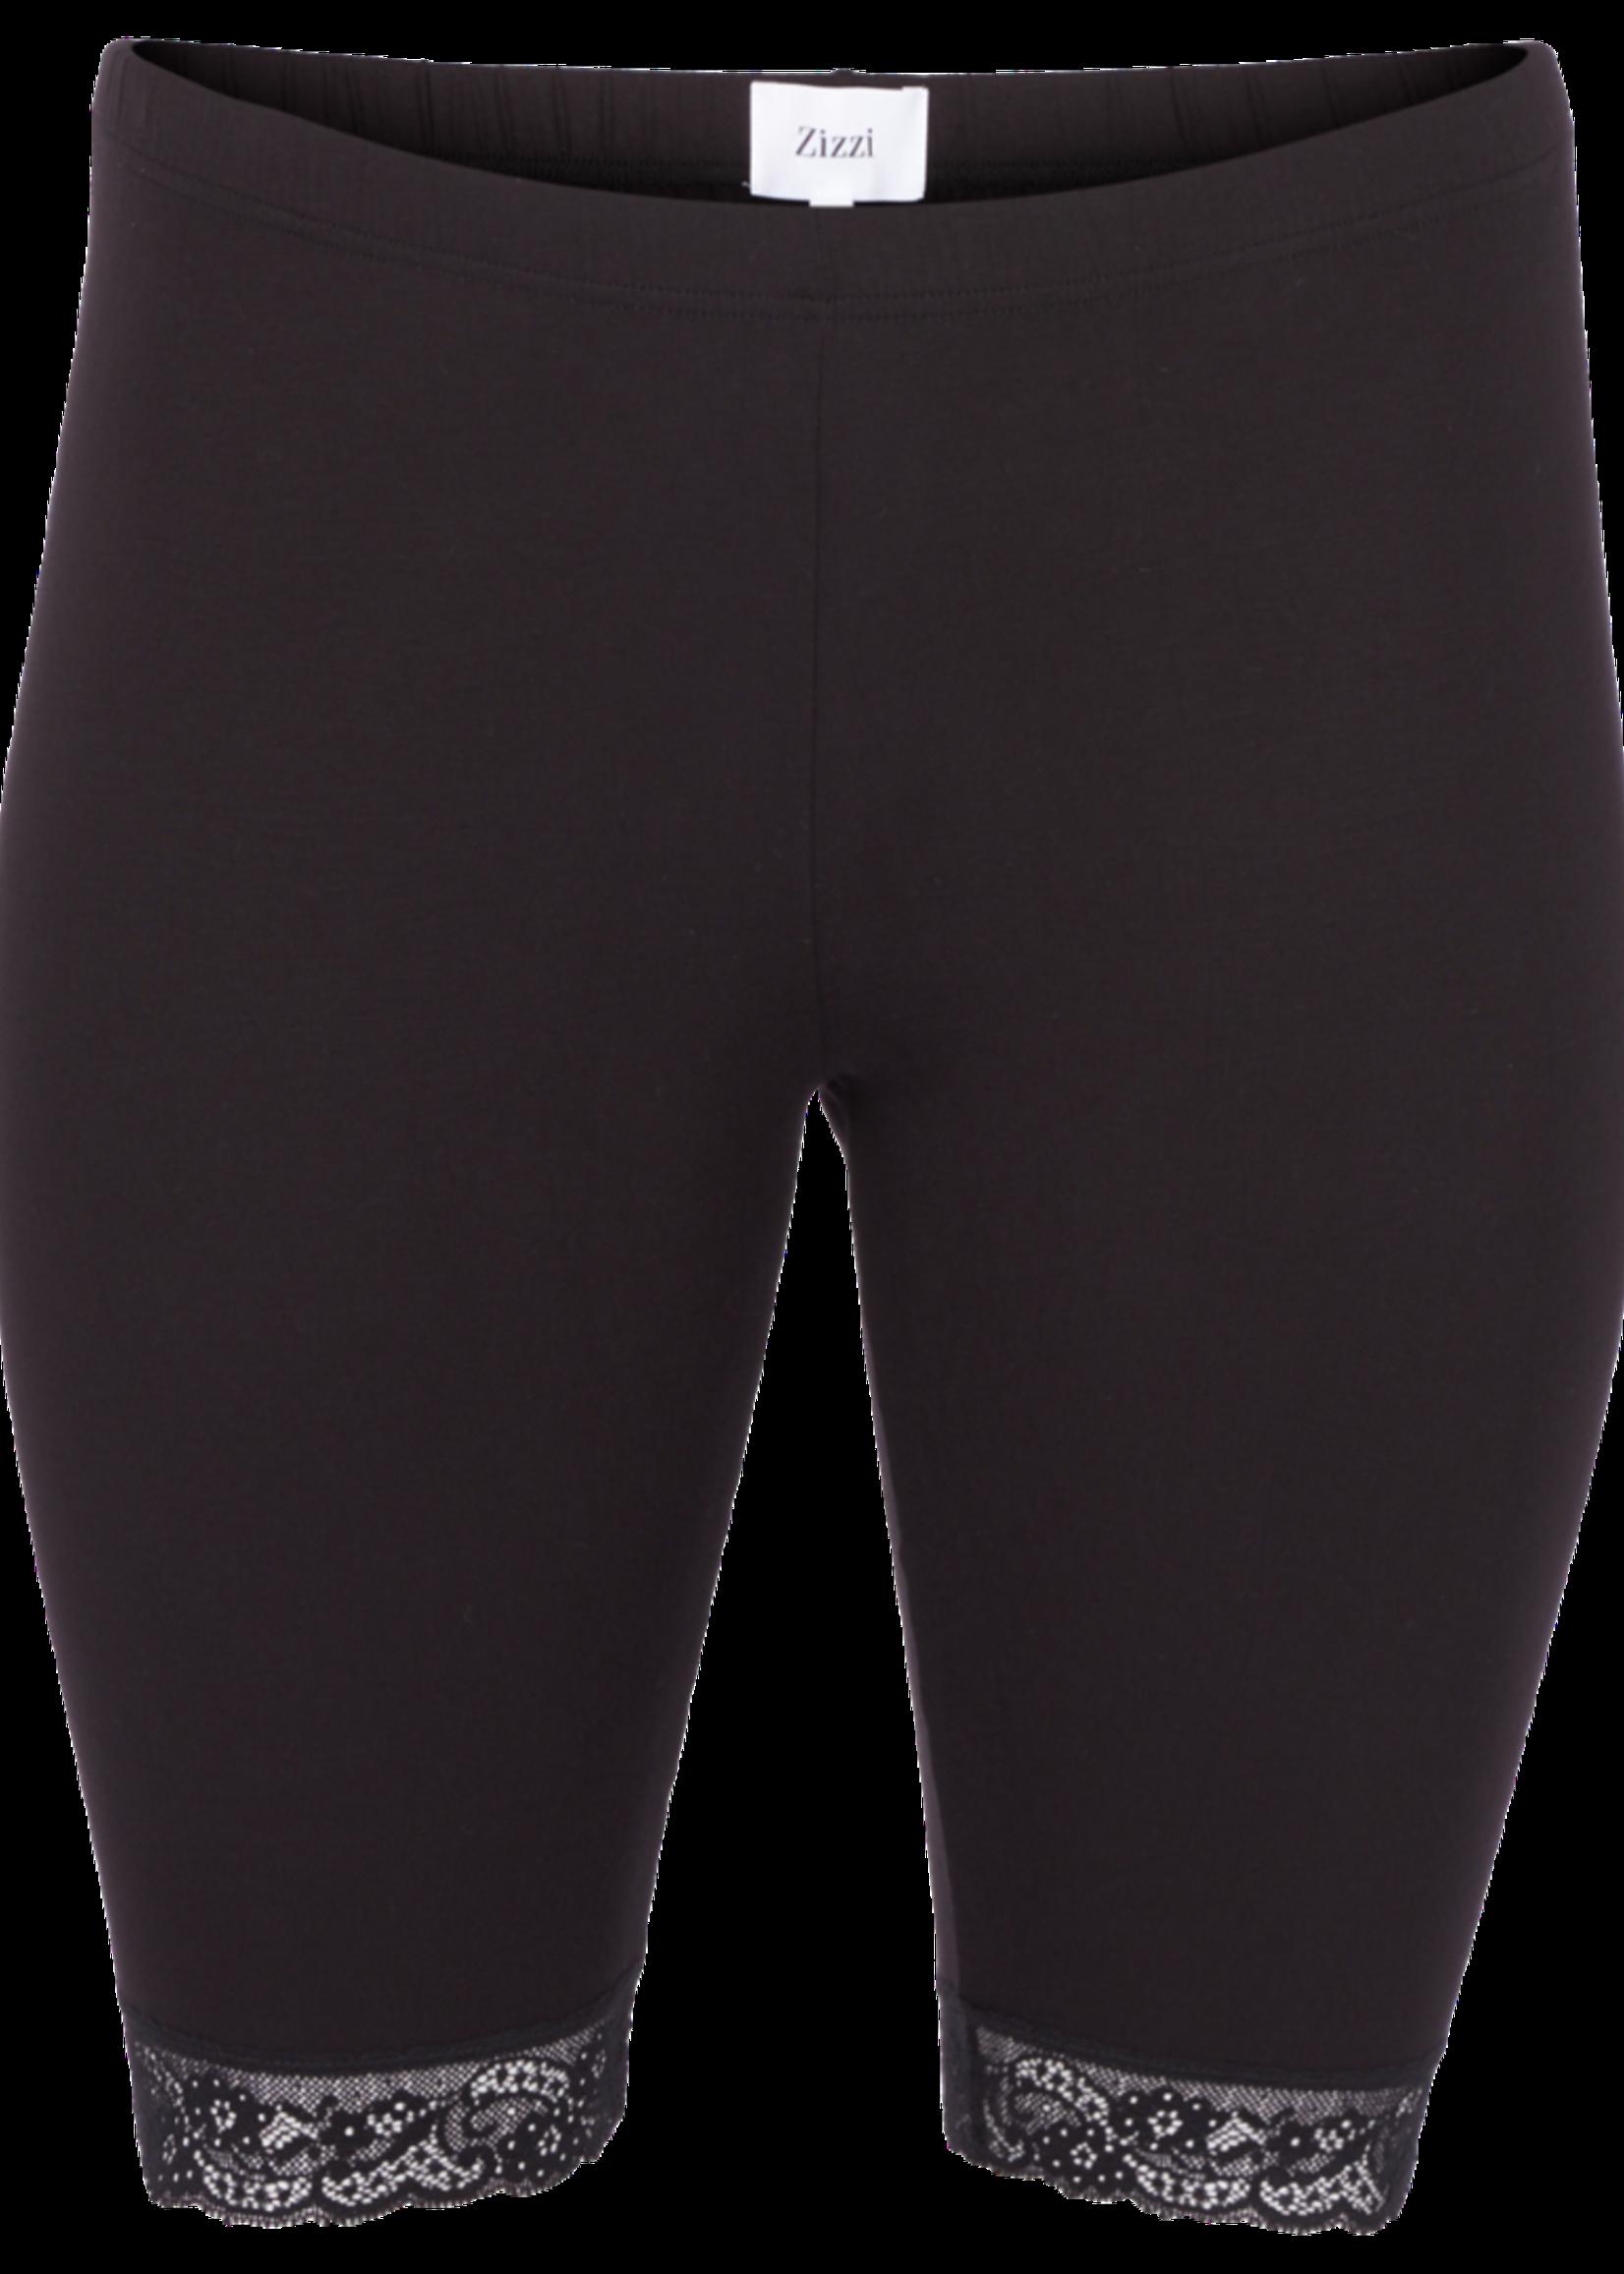 Zizzi Zizzi Cycle Shorts Lace